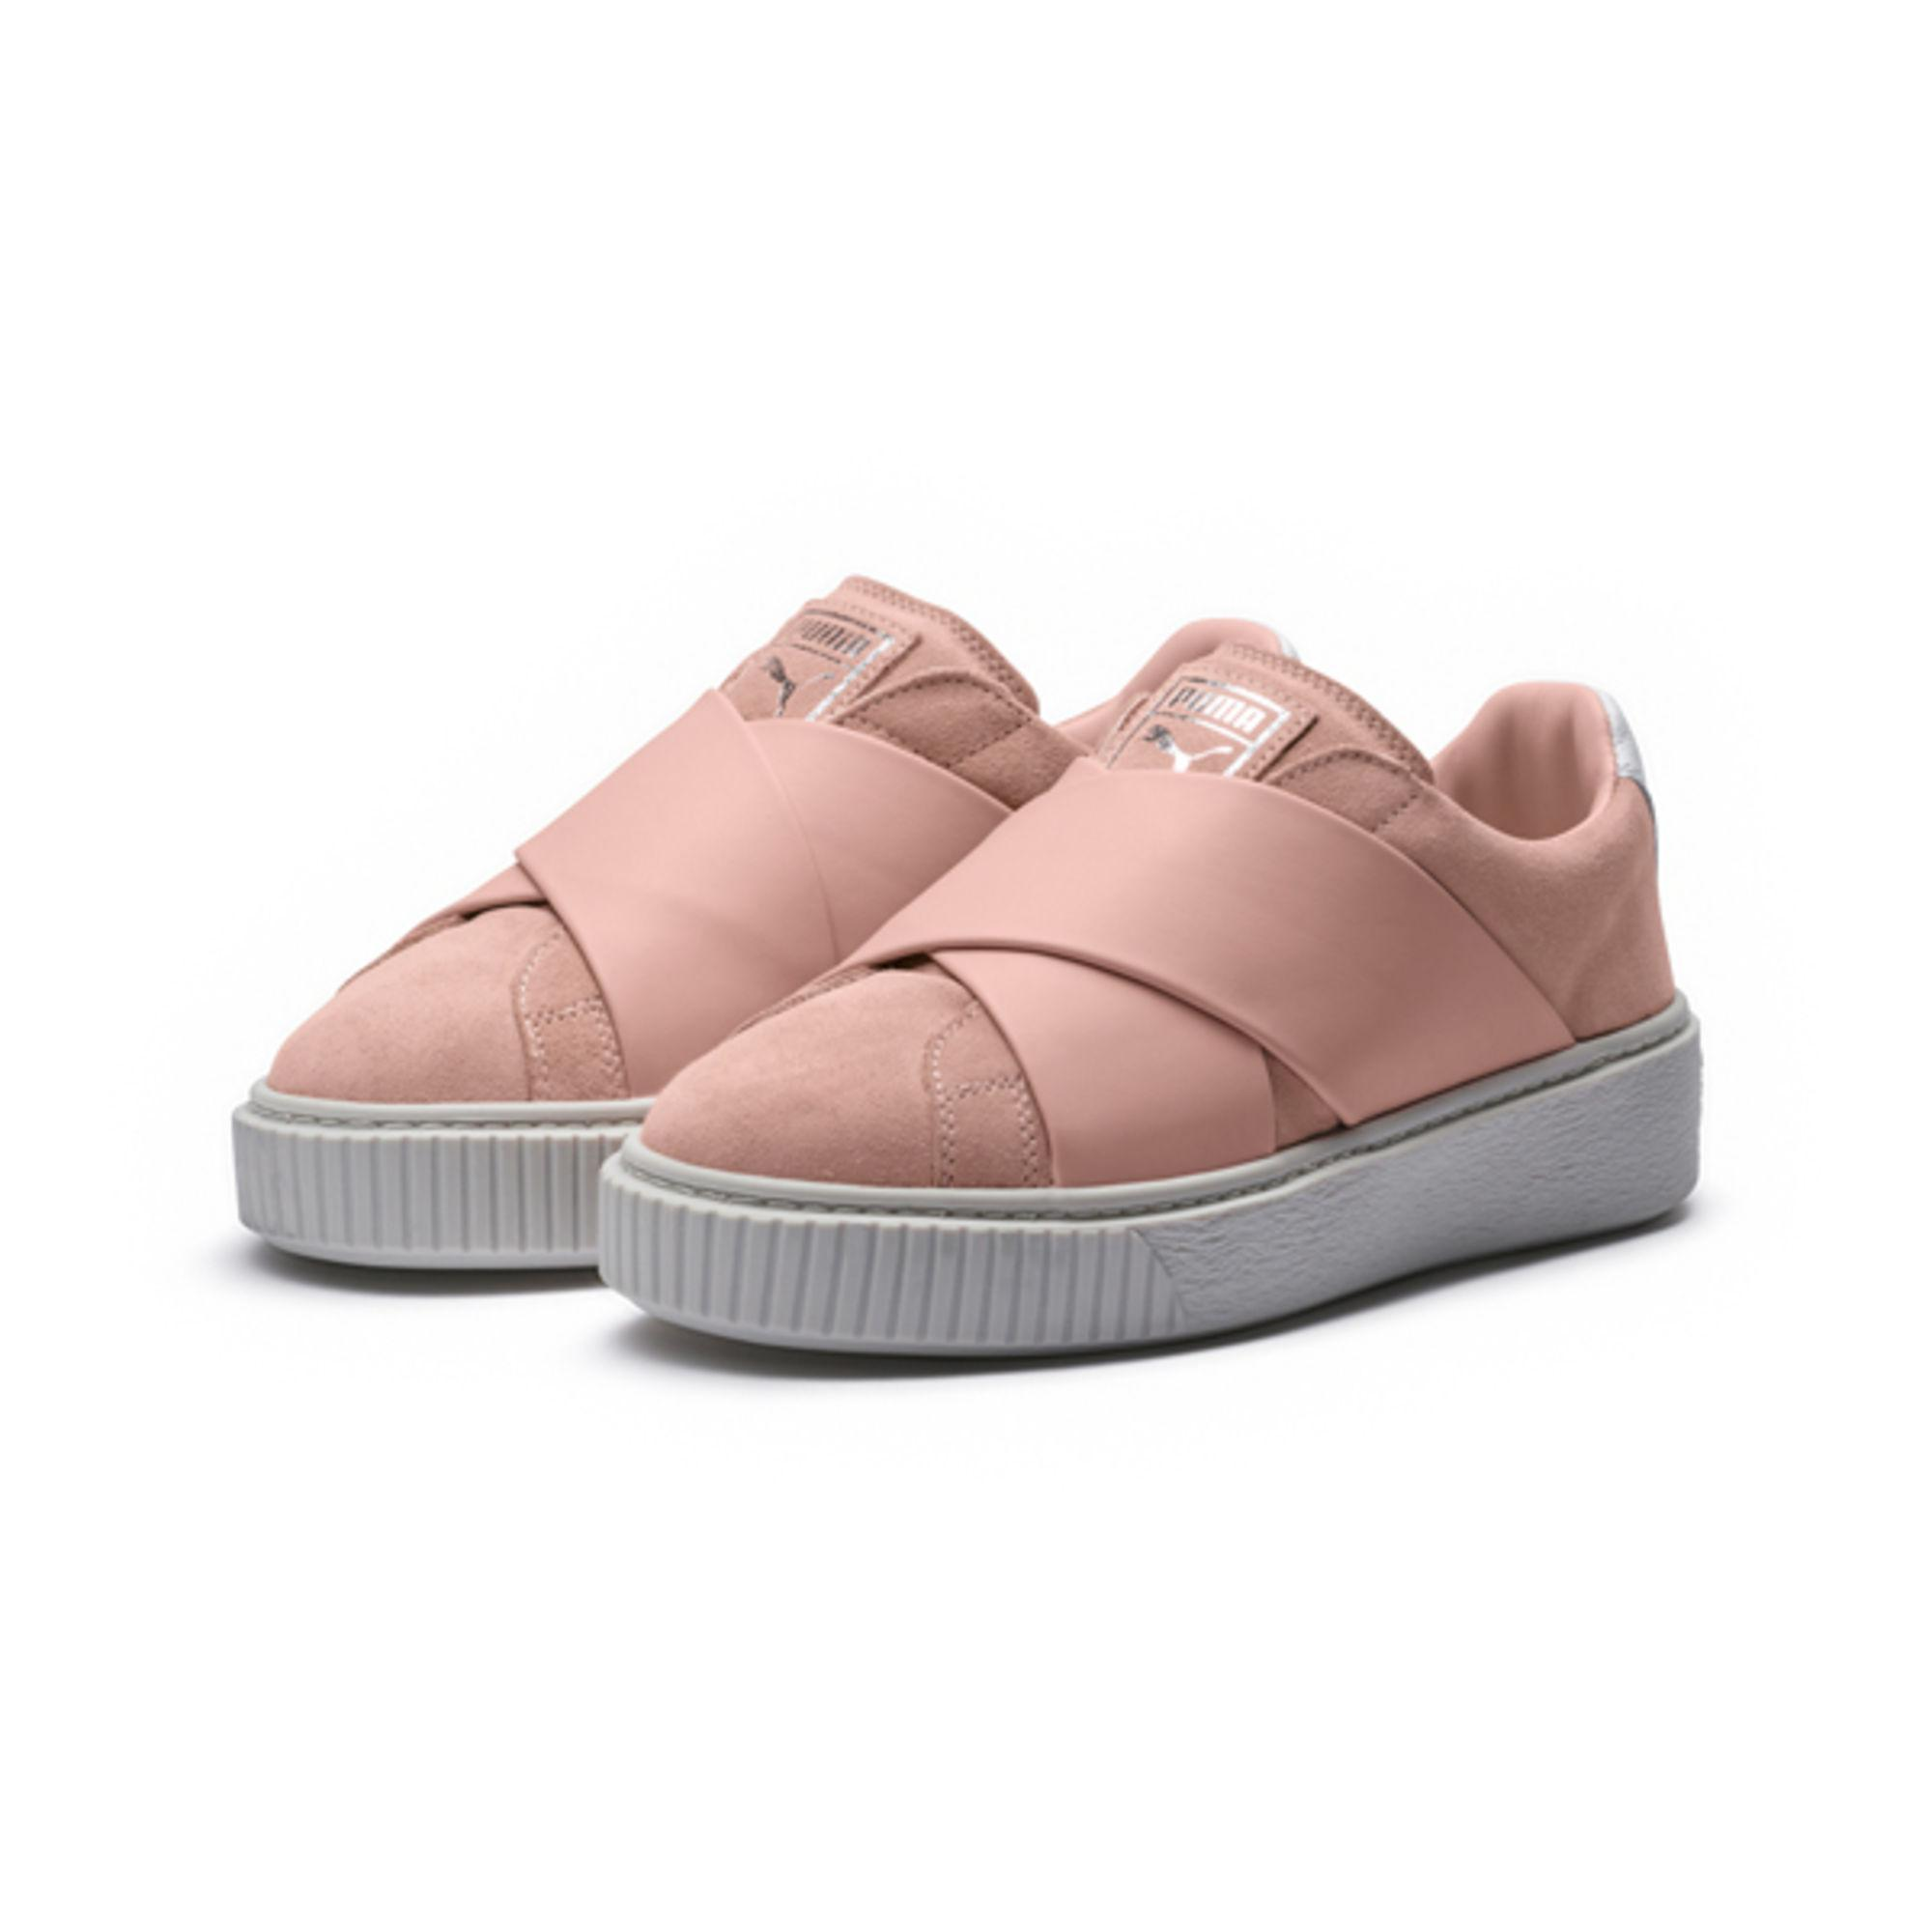 1d924dc98c4f Lyst - PUMA Platform X Women s Sneakers